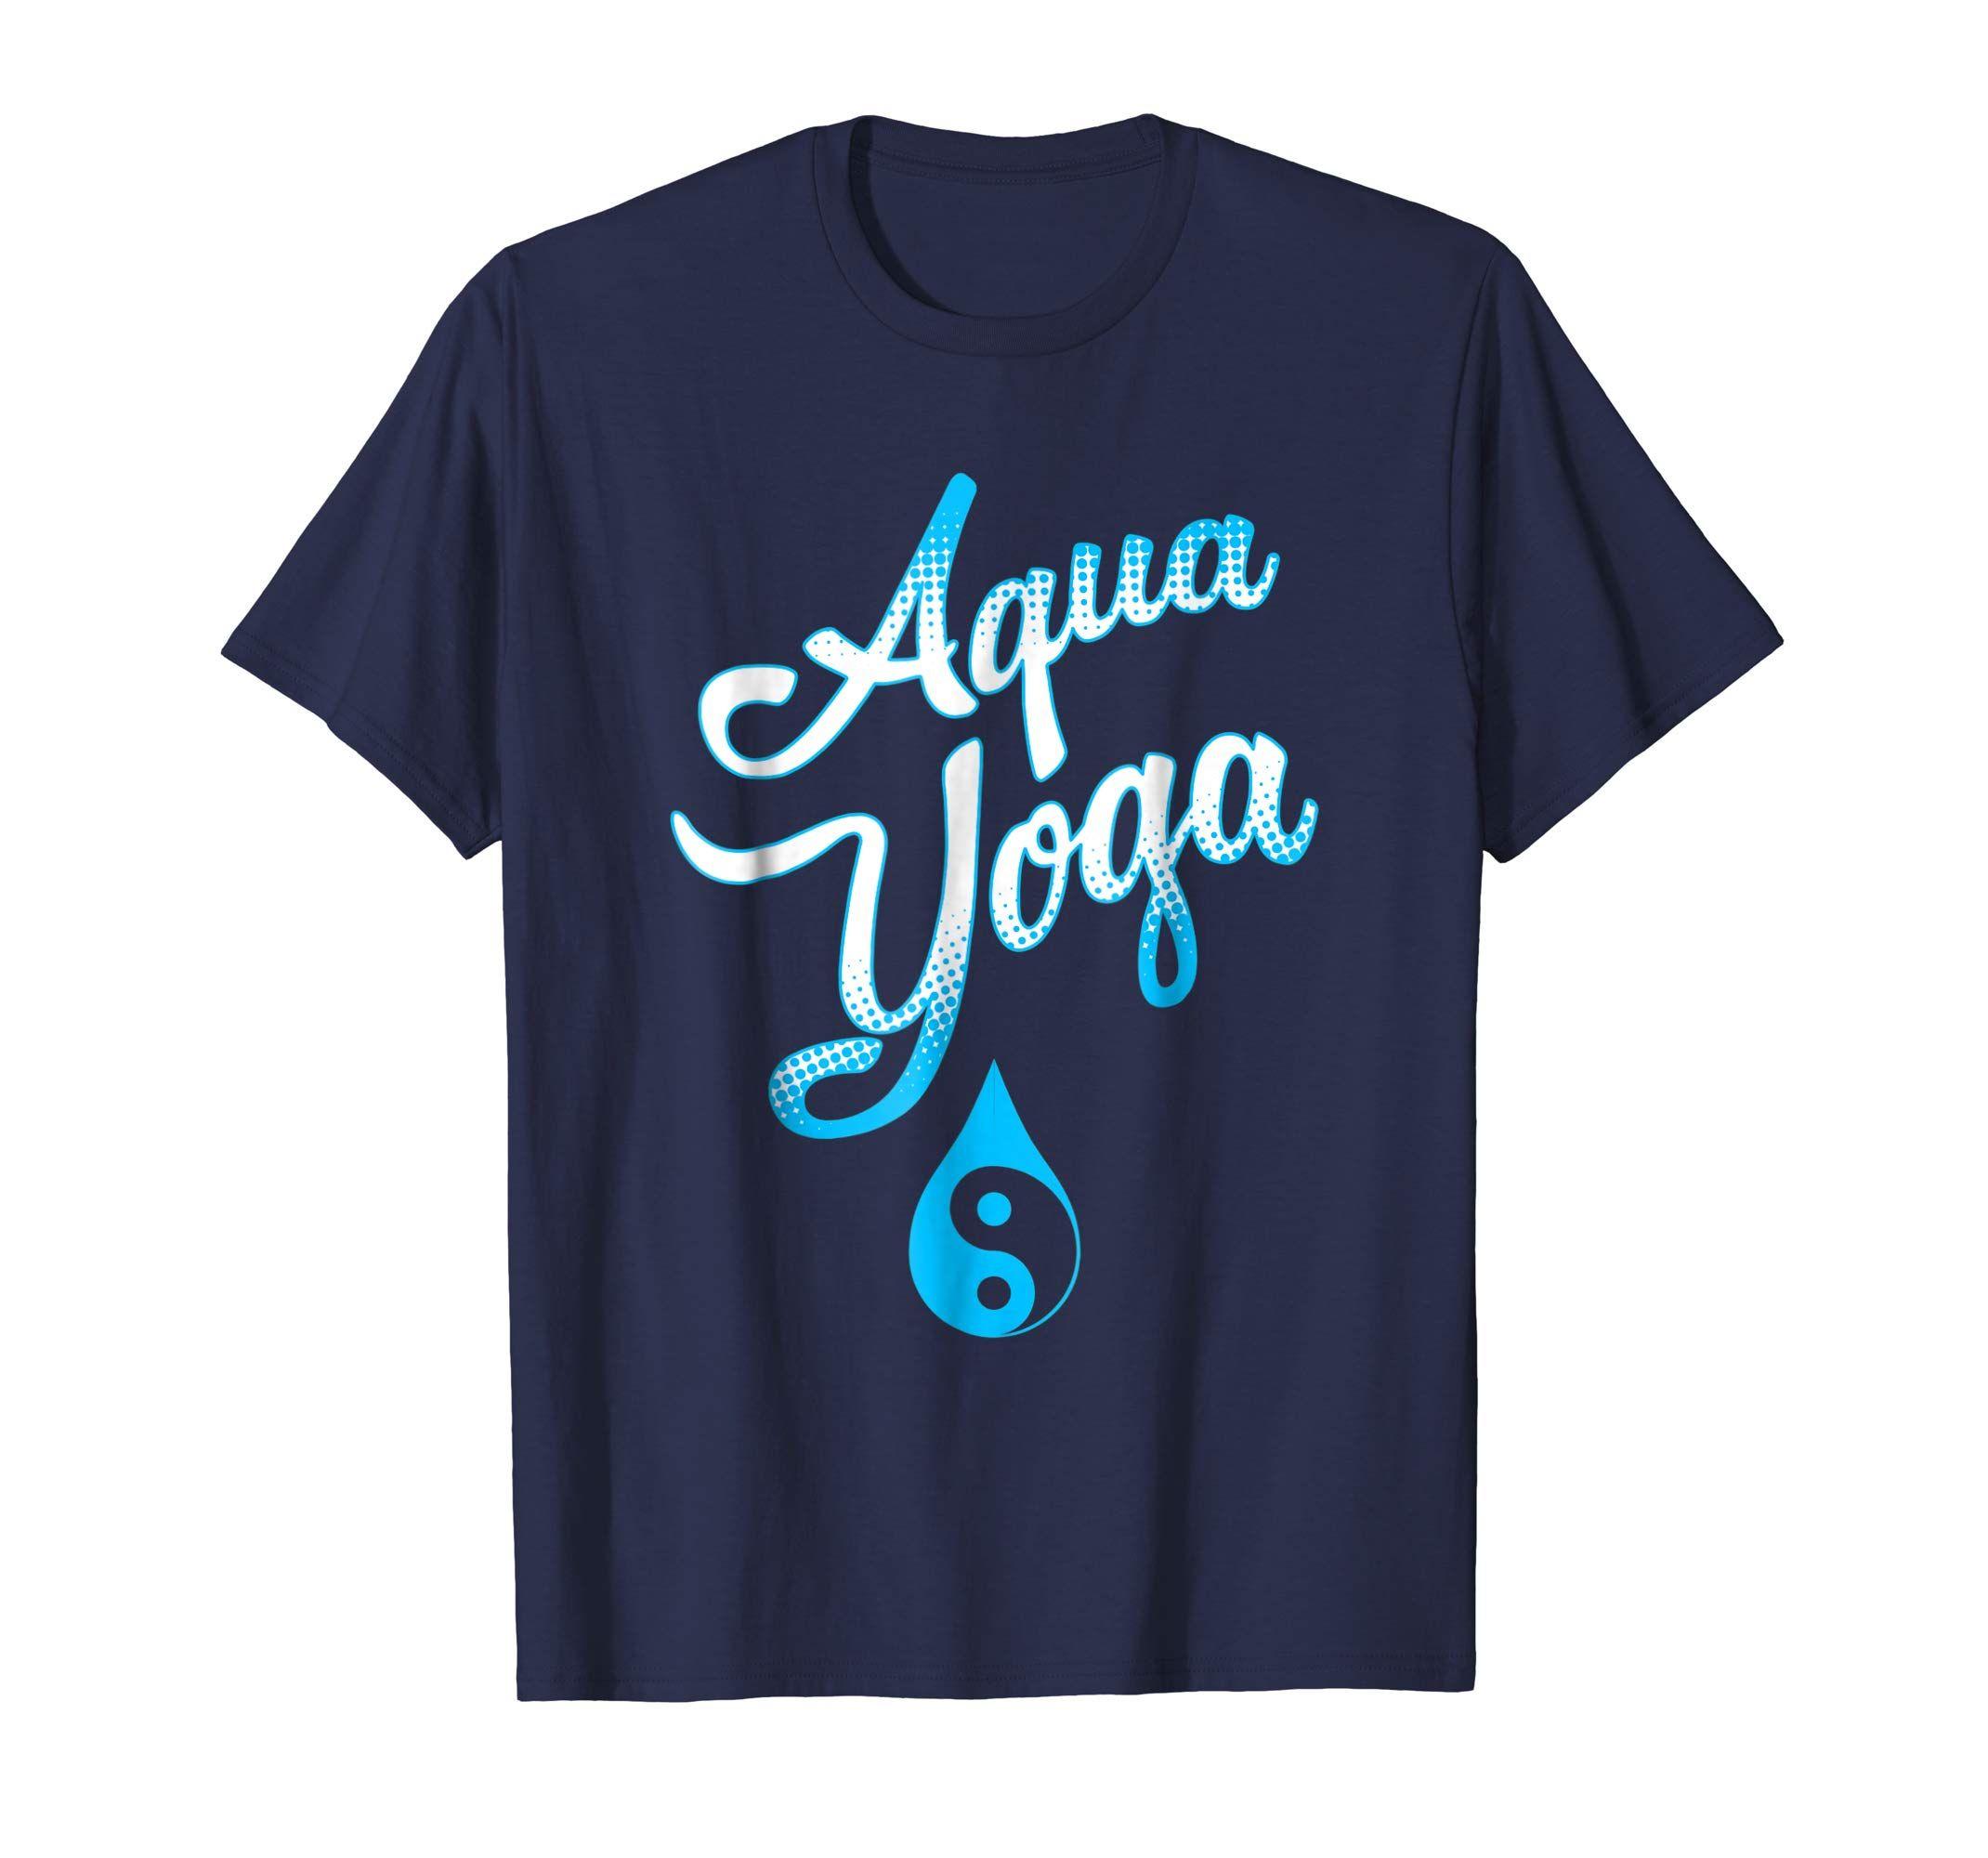 Aqua yoga water yin yang tshirt for women and